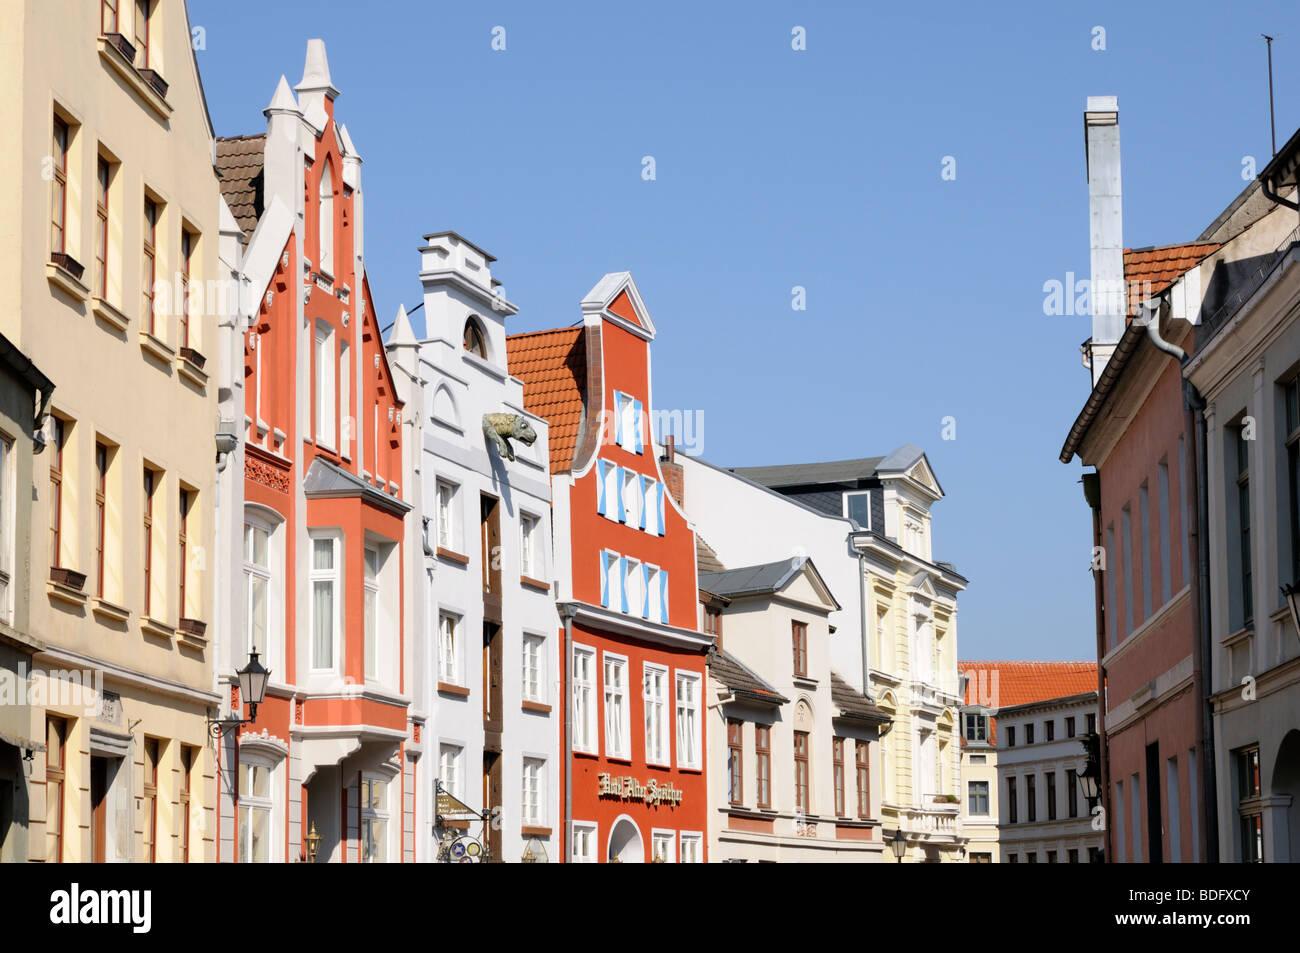 Altstadt von Wismar Mecklenburg Vorpommern Deutschland Old town of Wismar Mecklenburg Western Pomerania Germany - Stock Image